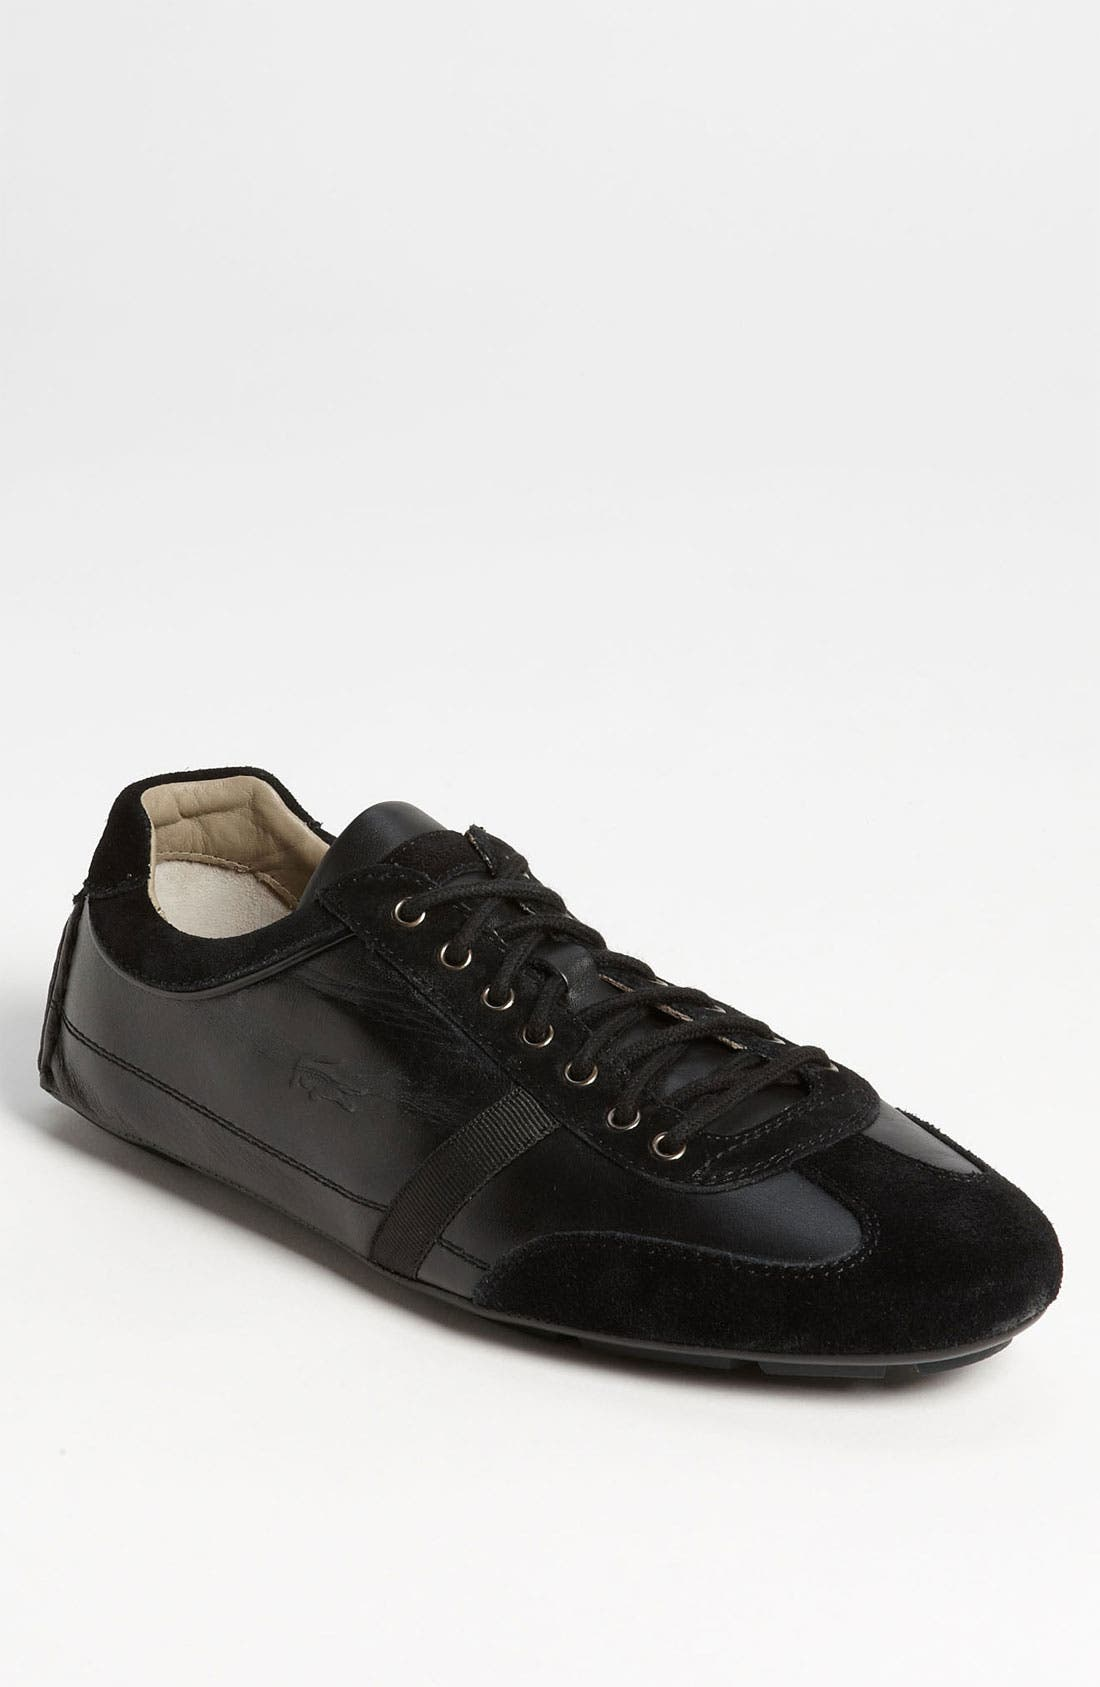 Main Image - Lacoste 'Berryman' Sneaker